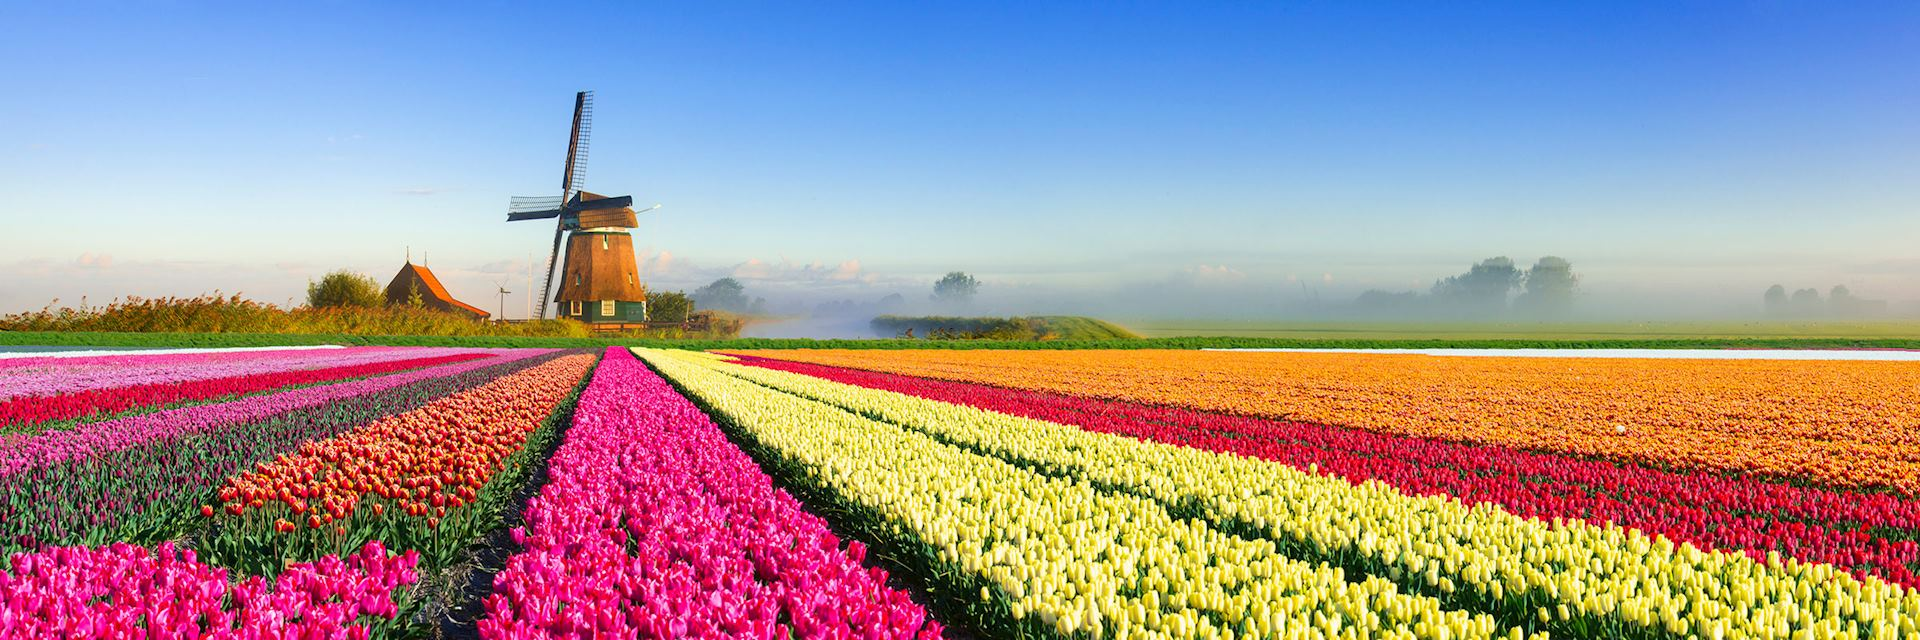 Spring, tulip field, Netherlands